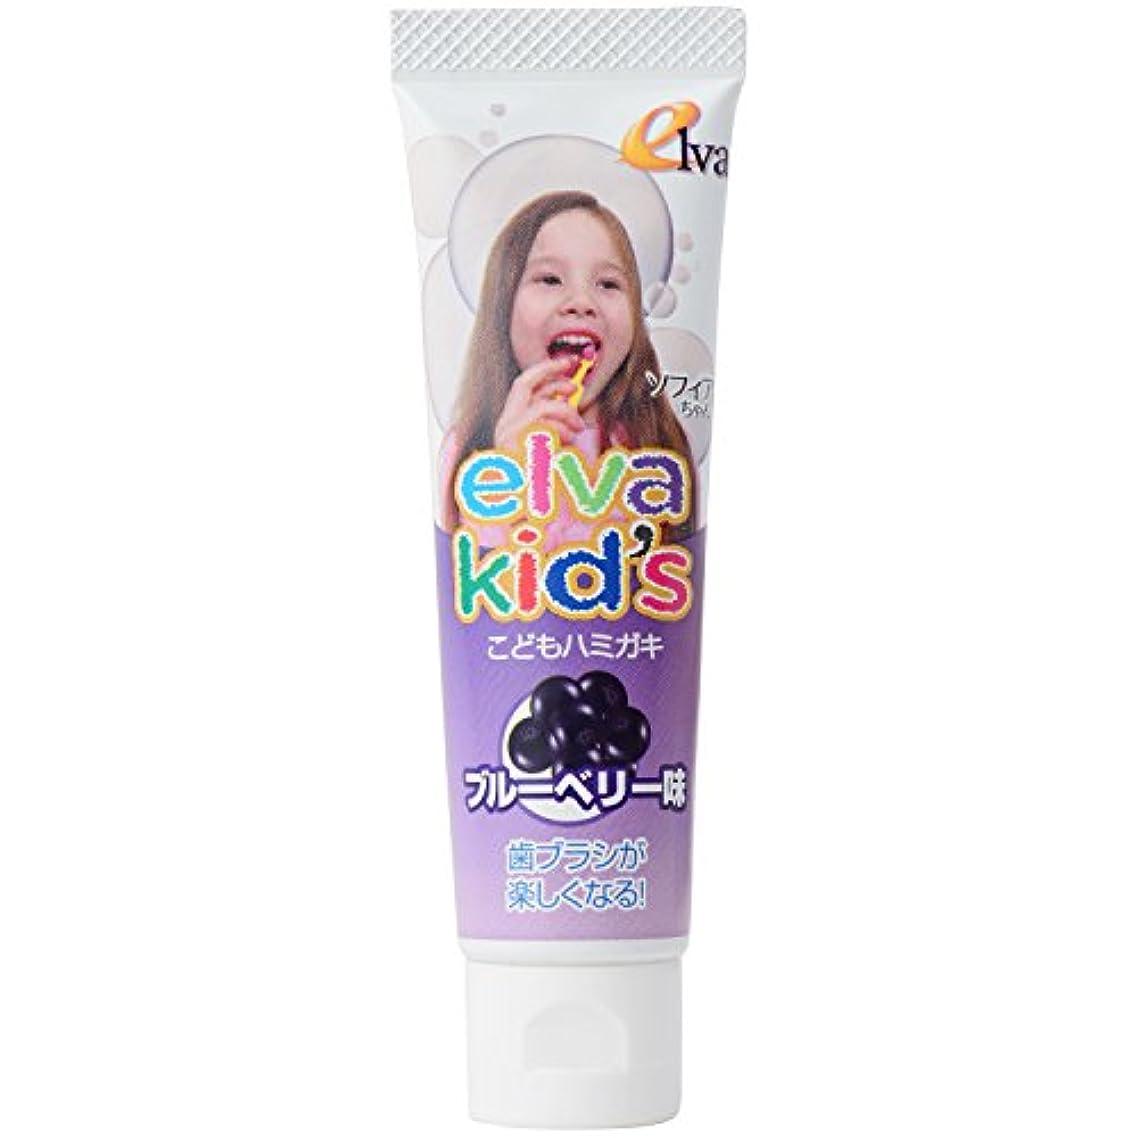 頻繁にポップ離すエルバキッズ お母さんも安心のこだわりの歯磨き粉 フッ素なし ブルーベリー味 2個セット